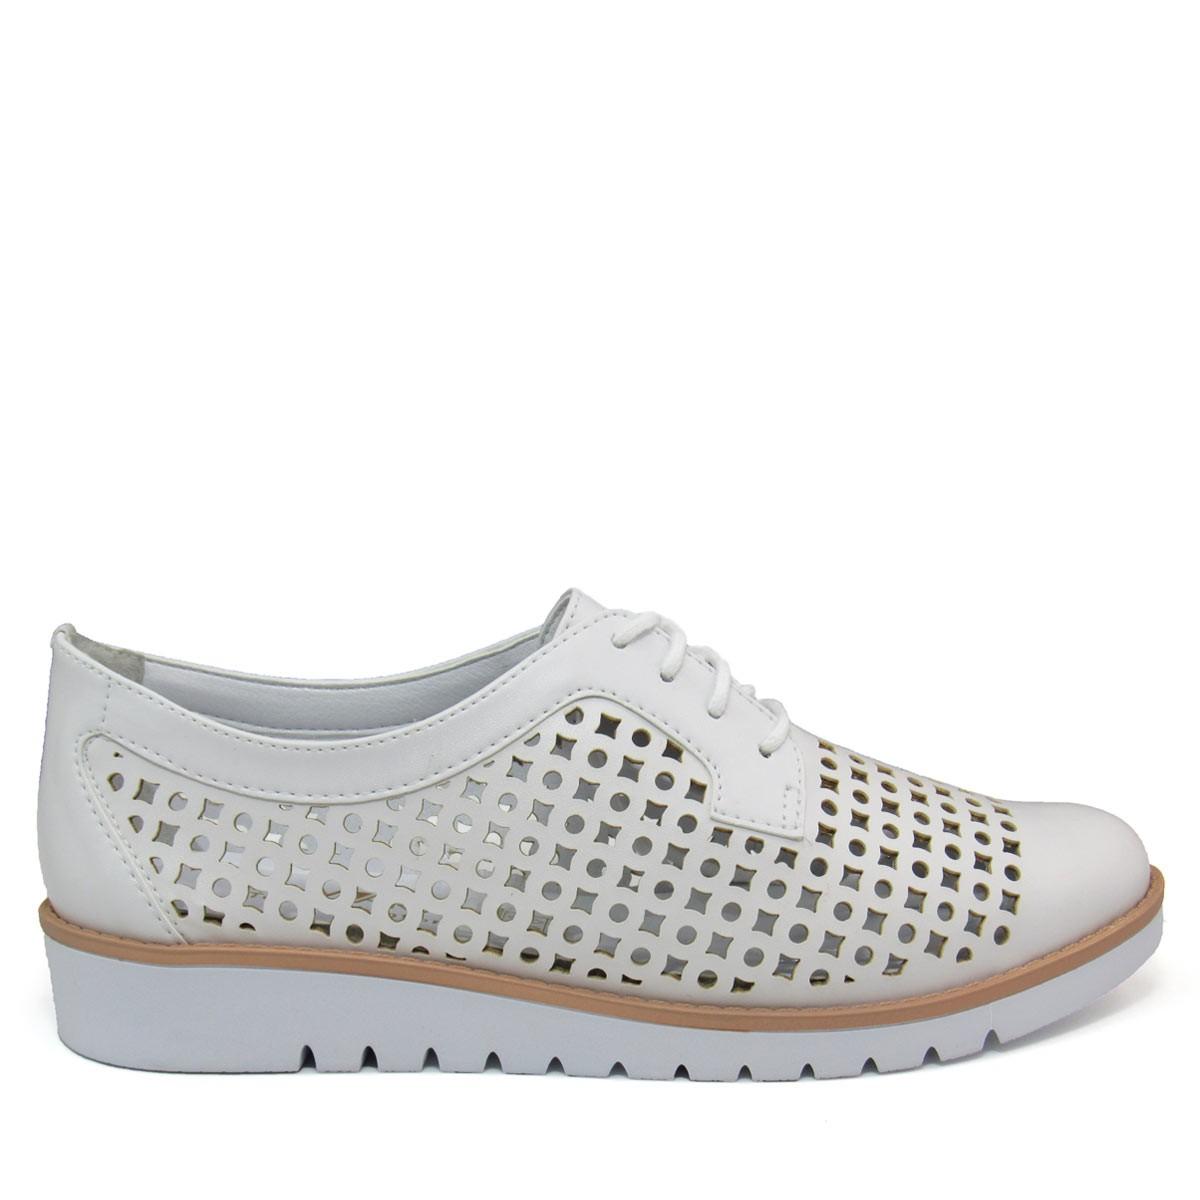 bb6ae9ada6 Sapato Feminino Oxford Ramarim Total Comfort 1690201 Coleção 2018